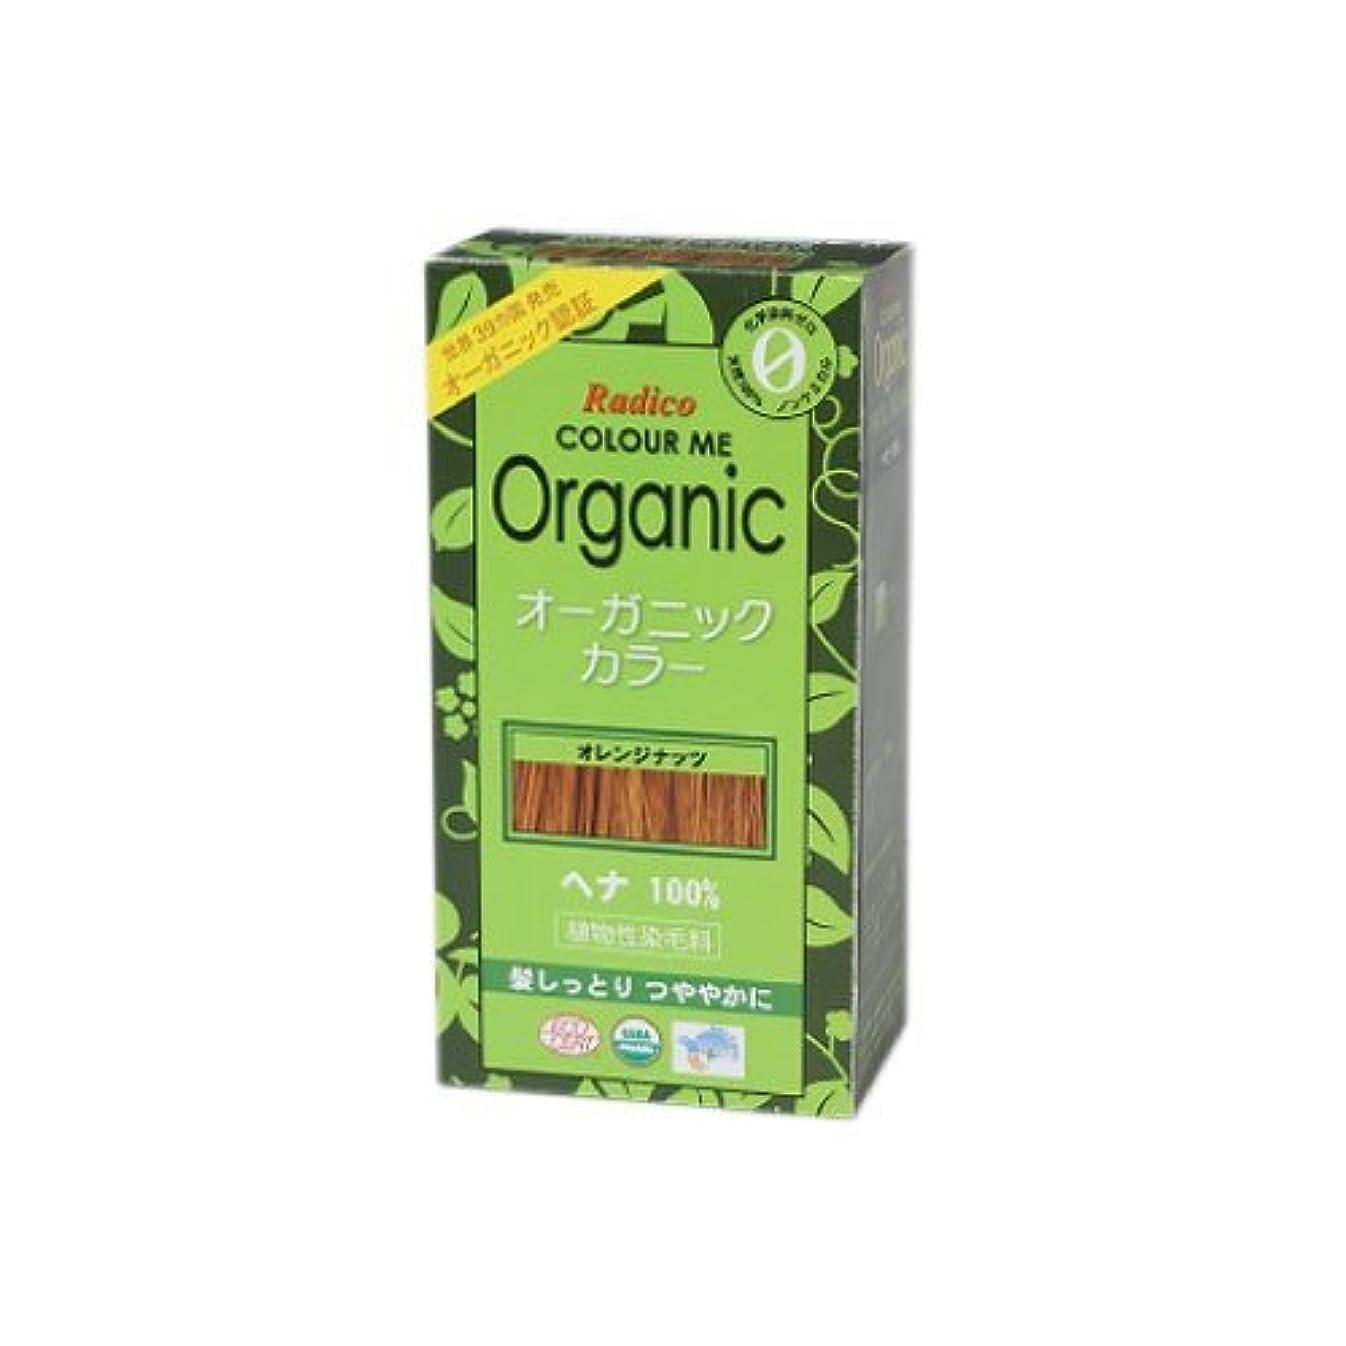 銃離す相反するCOLOURME Organic (カラーミーオーガニック ヘナ 白髪用) オレンジナッツ 100g